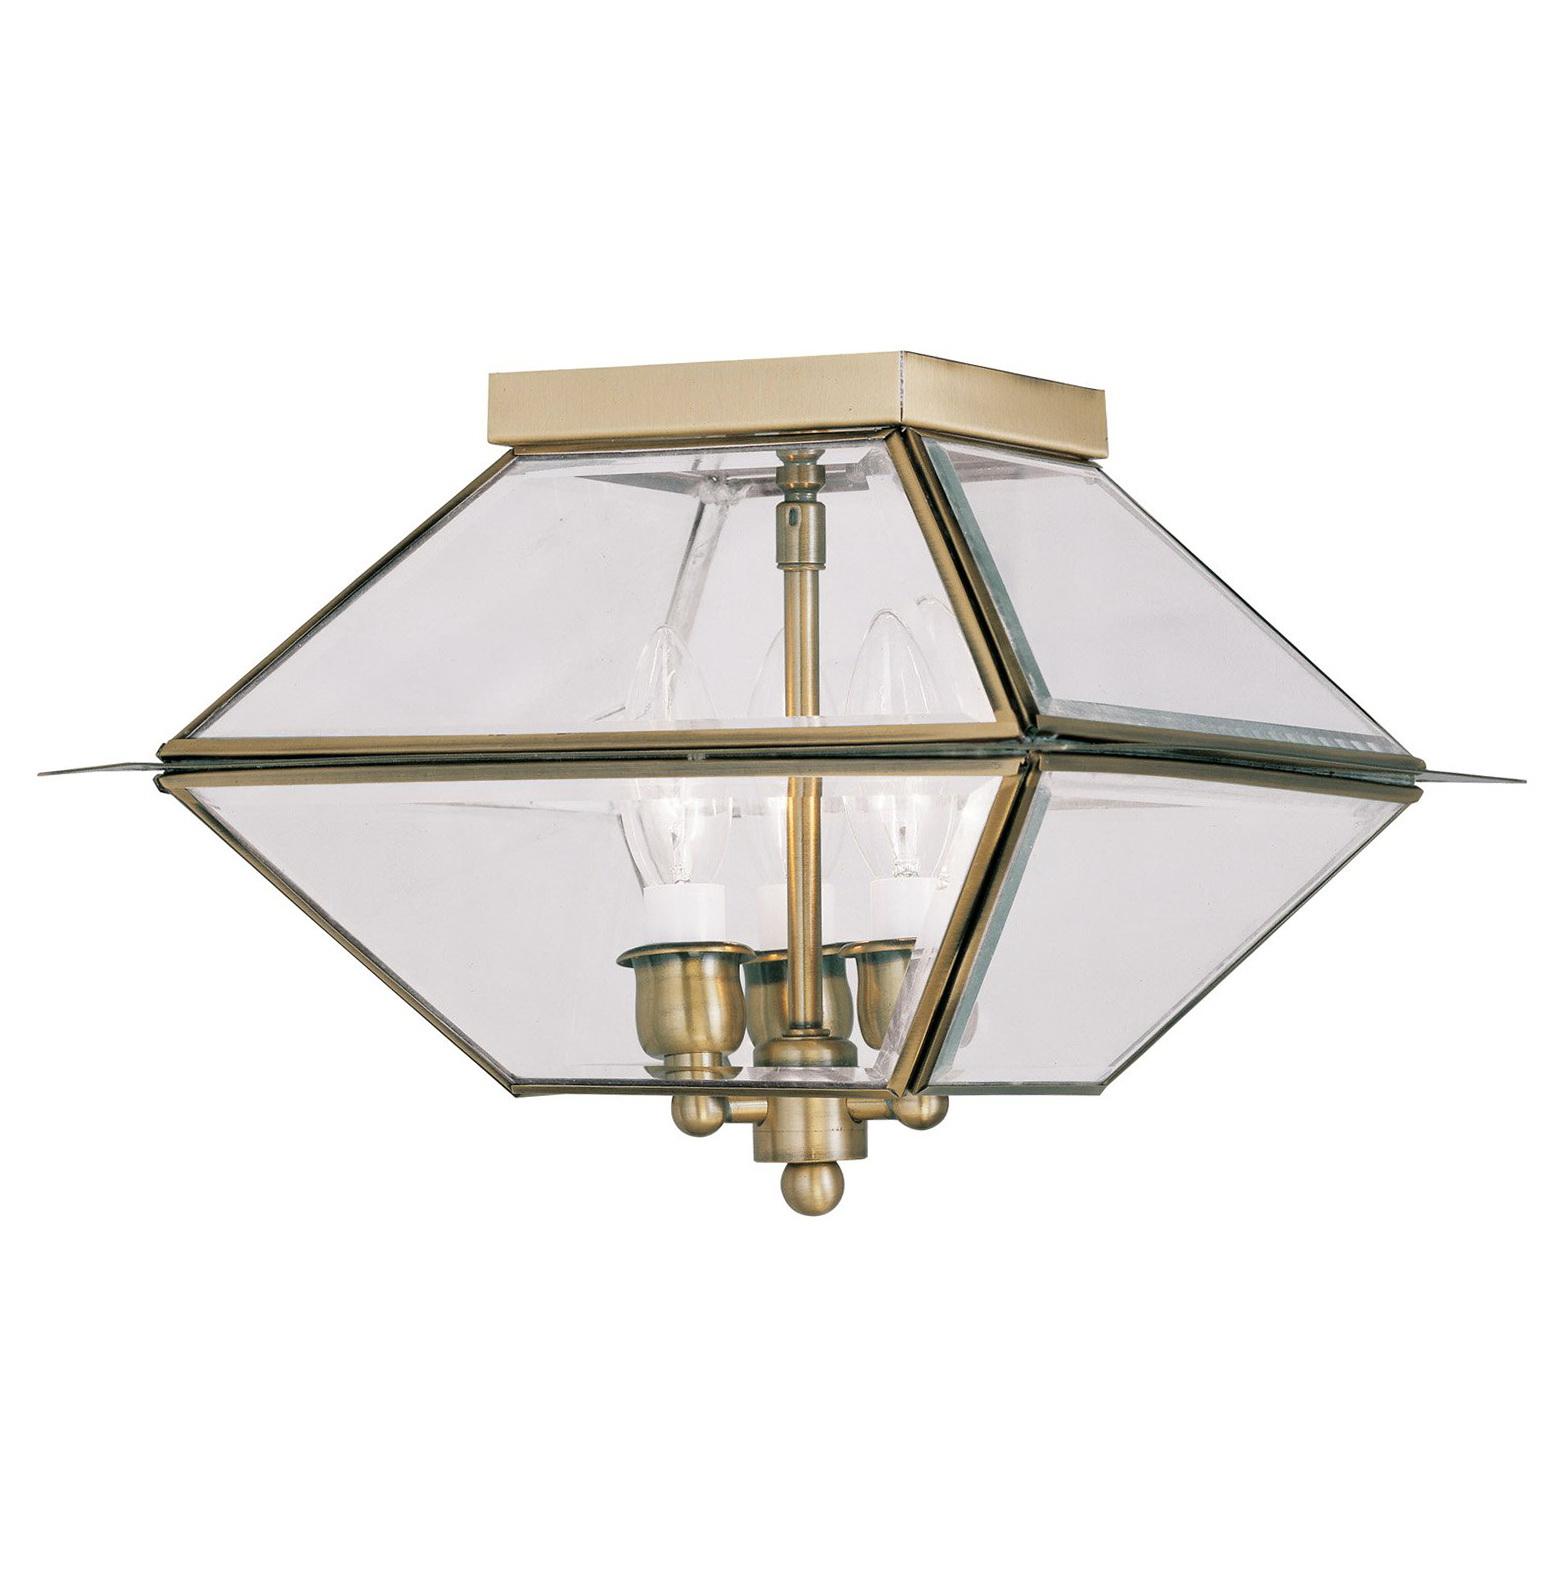 Ceiling Porch Light With Sensor